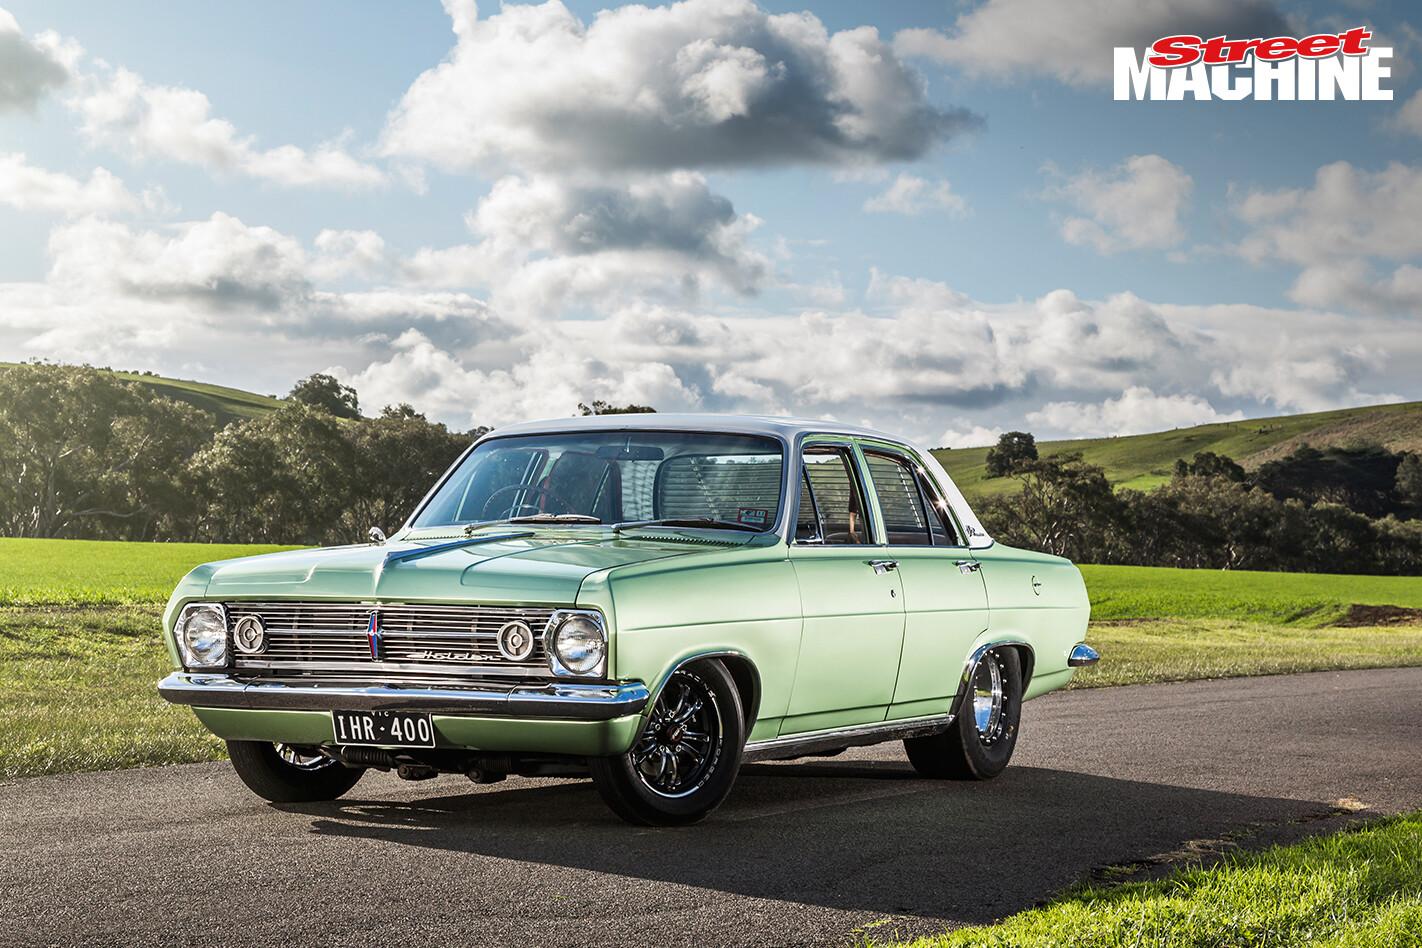 HR Holden Turbo